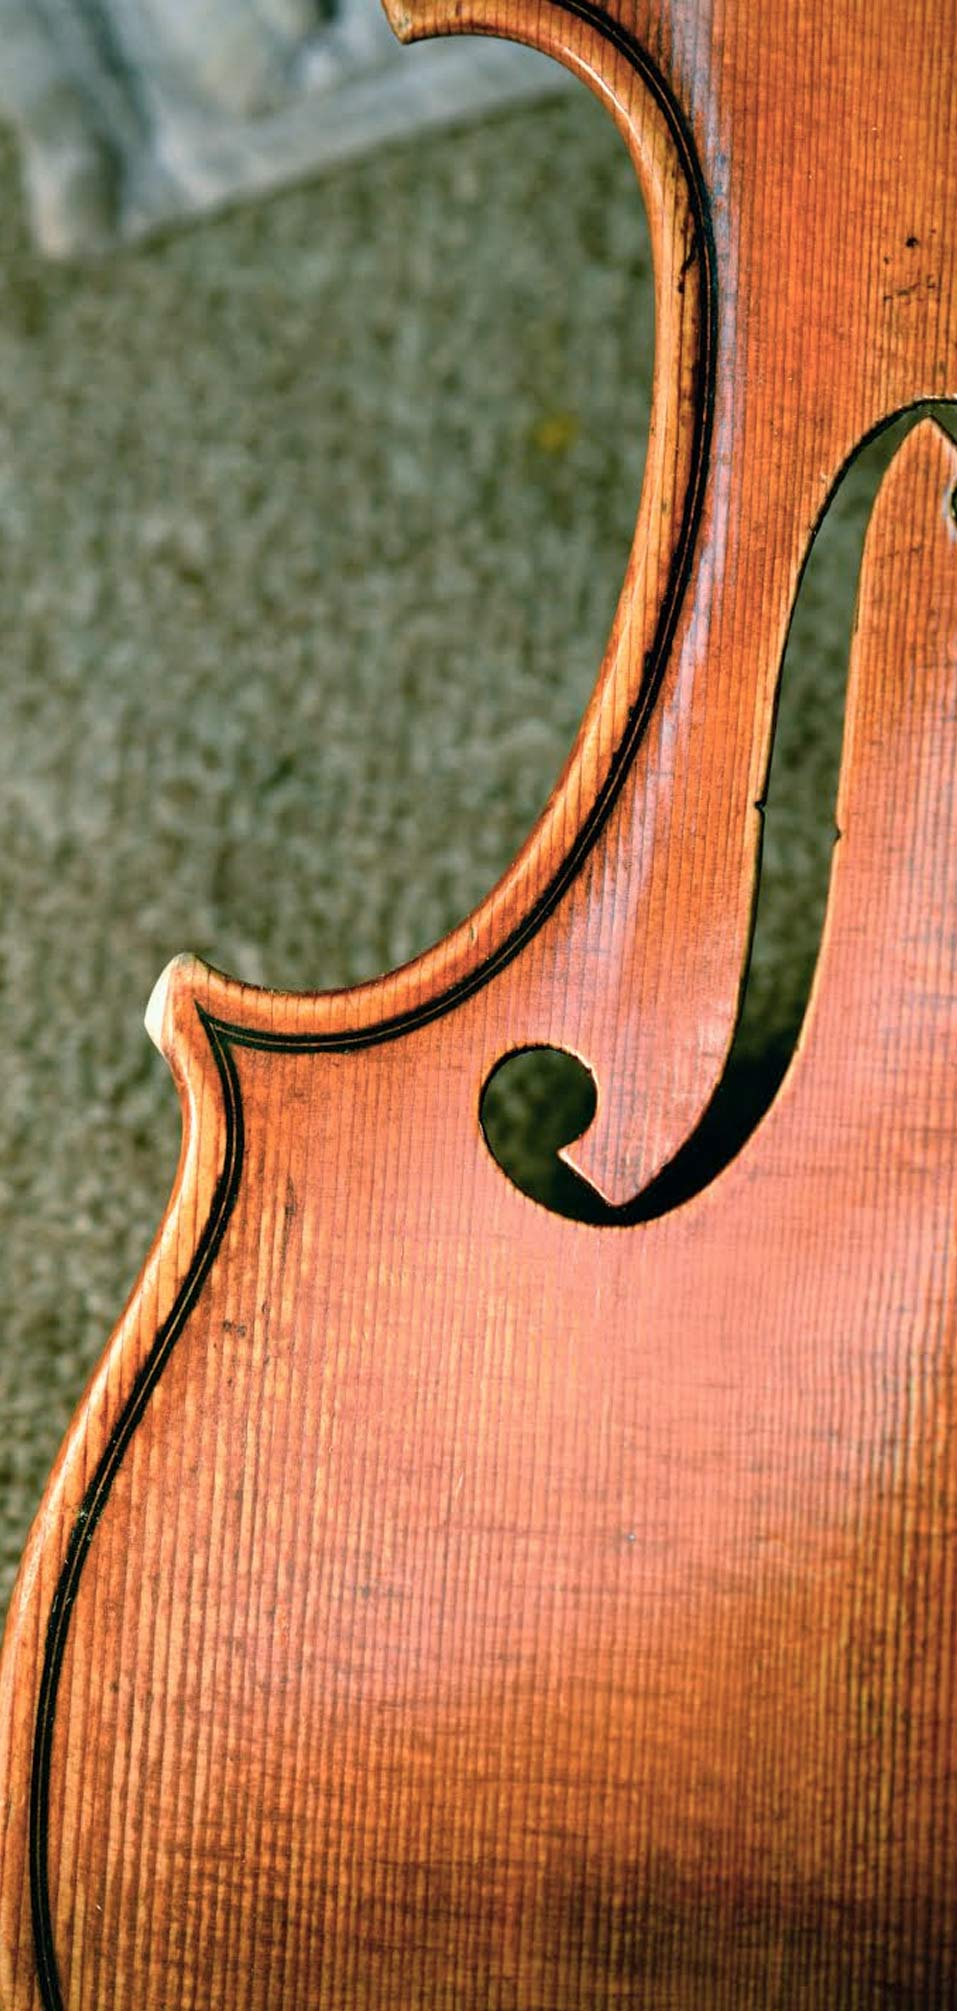 Instrument Repairs & Restoration